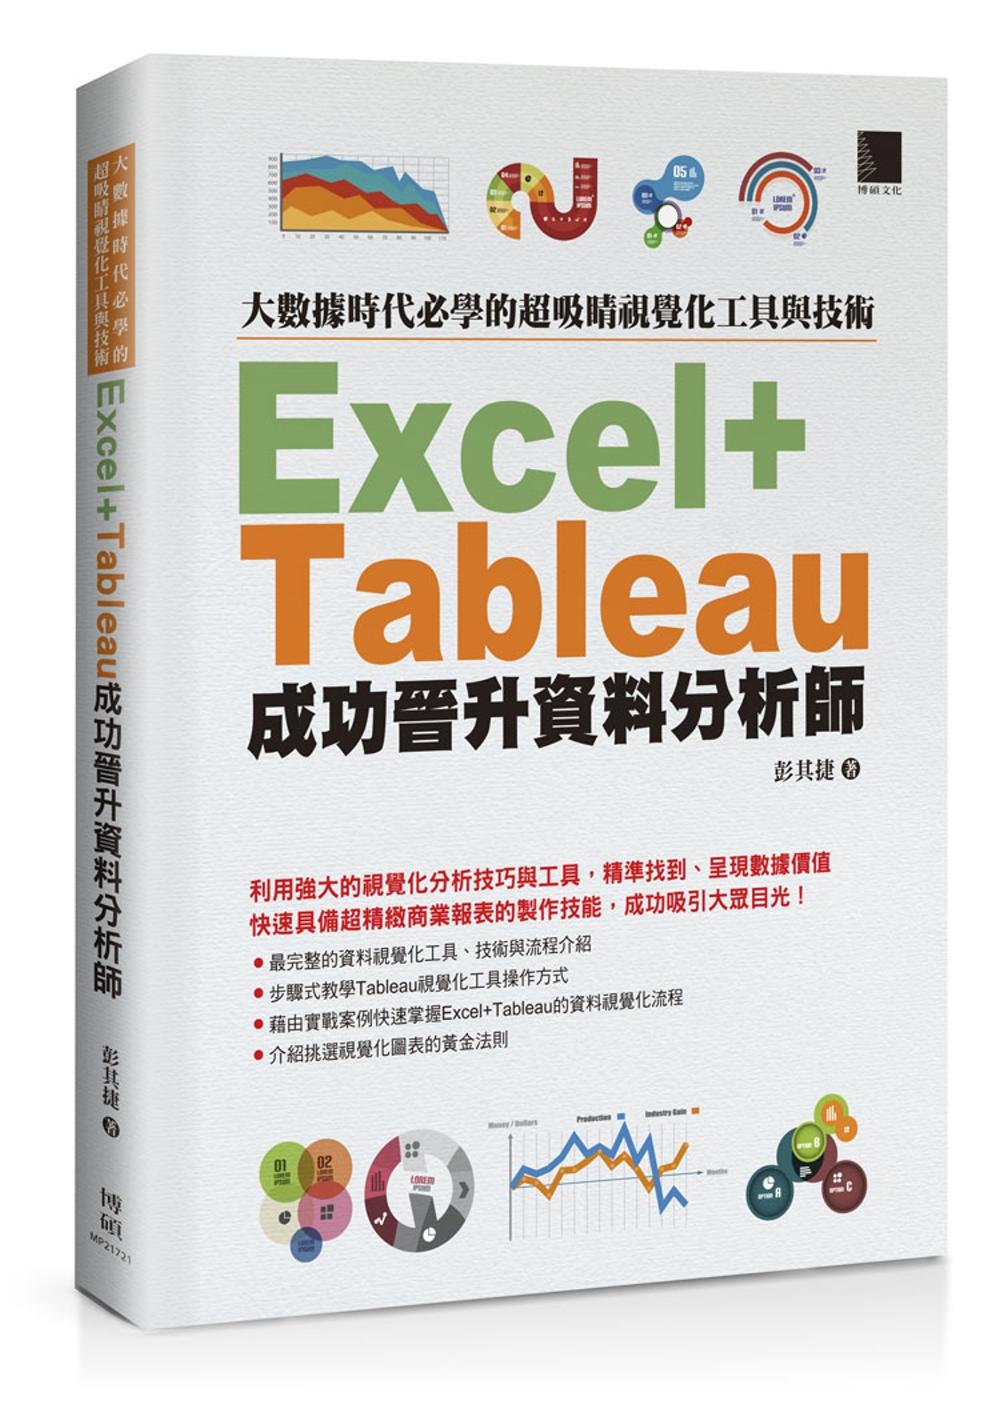 大數據時代必學的超吸睛視覺化工具與技術:Excel+Tableau成功晉升資料分析師